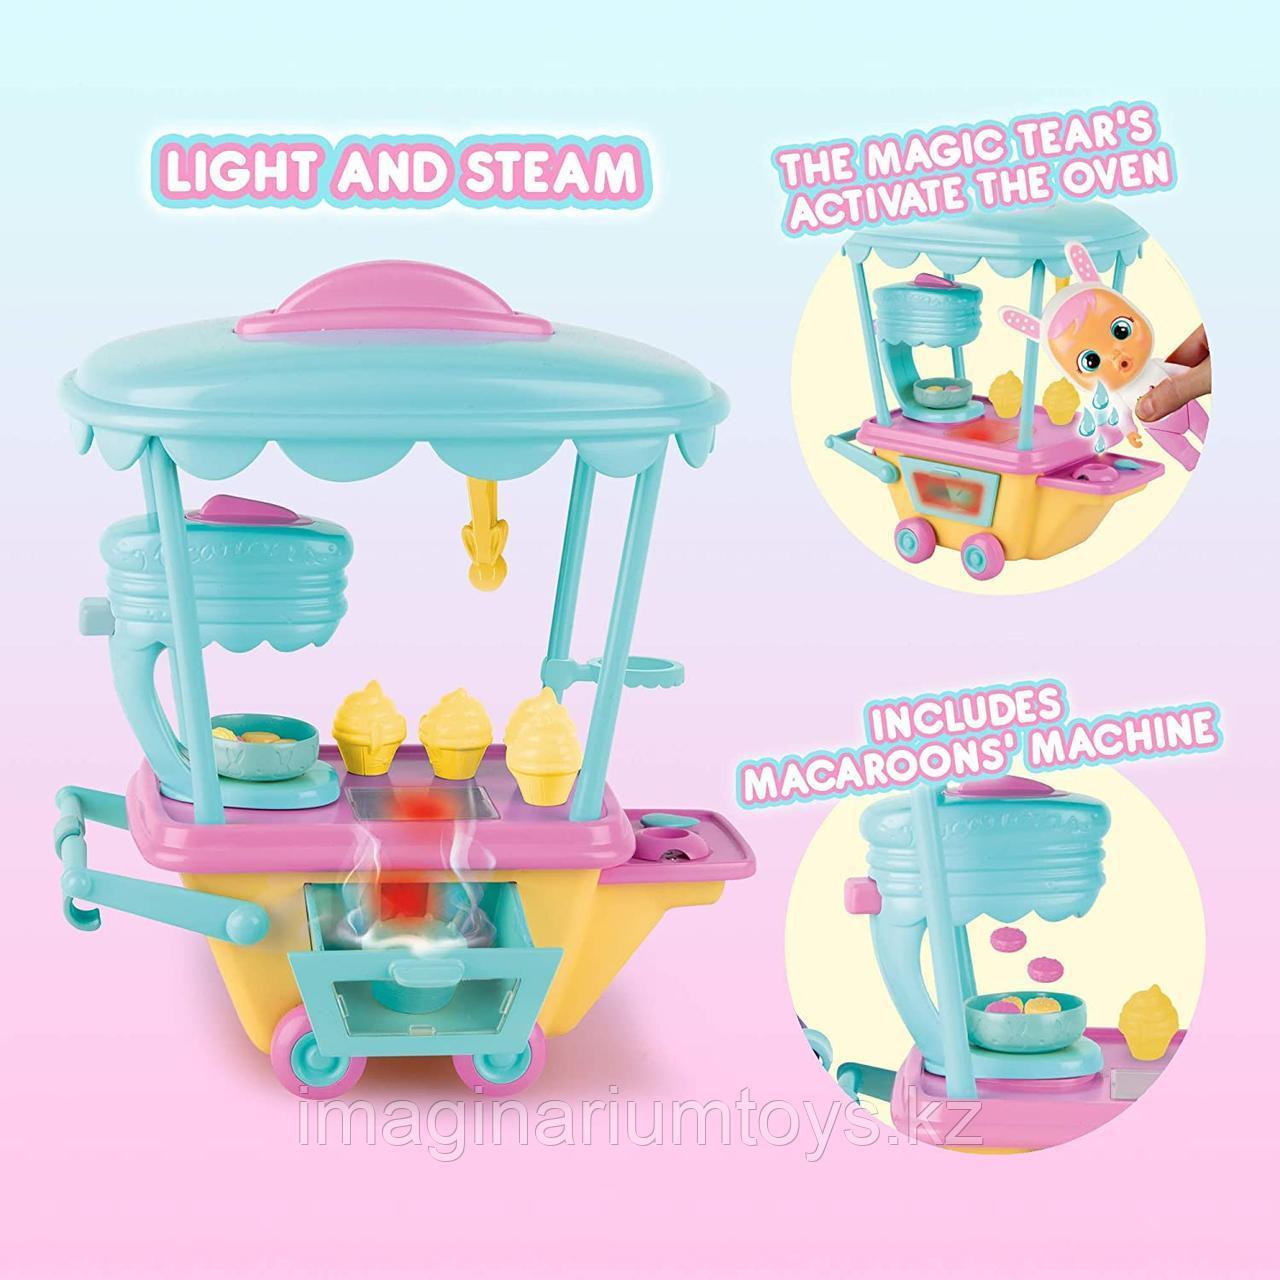 Cry Babies игровой набор интерактивная пекарня с куклой Кони - фото 8